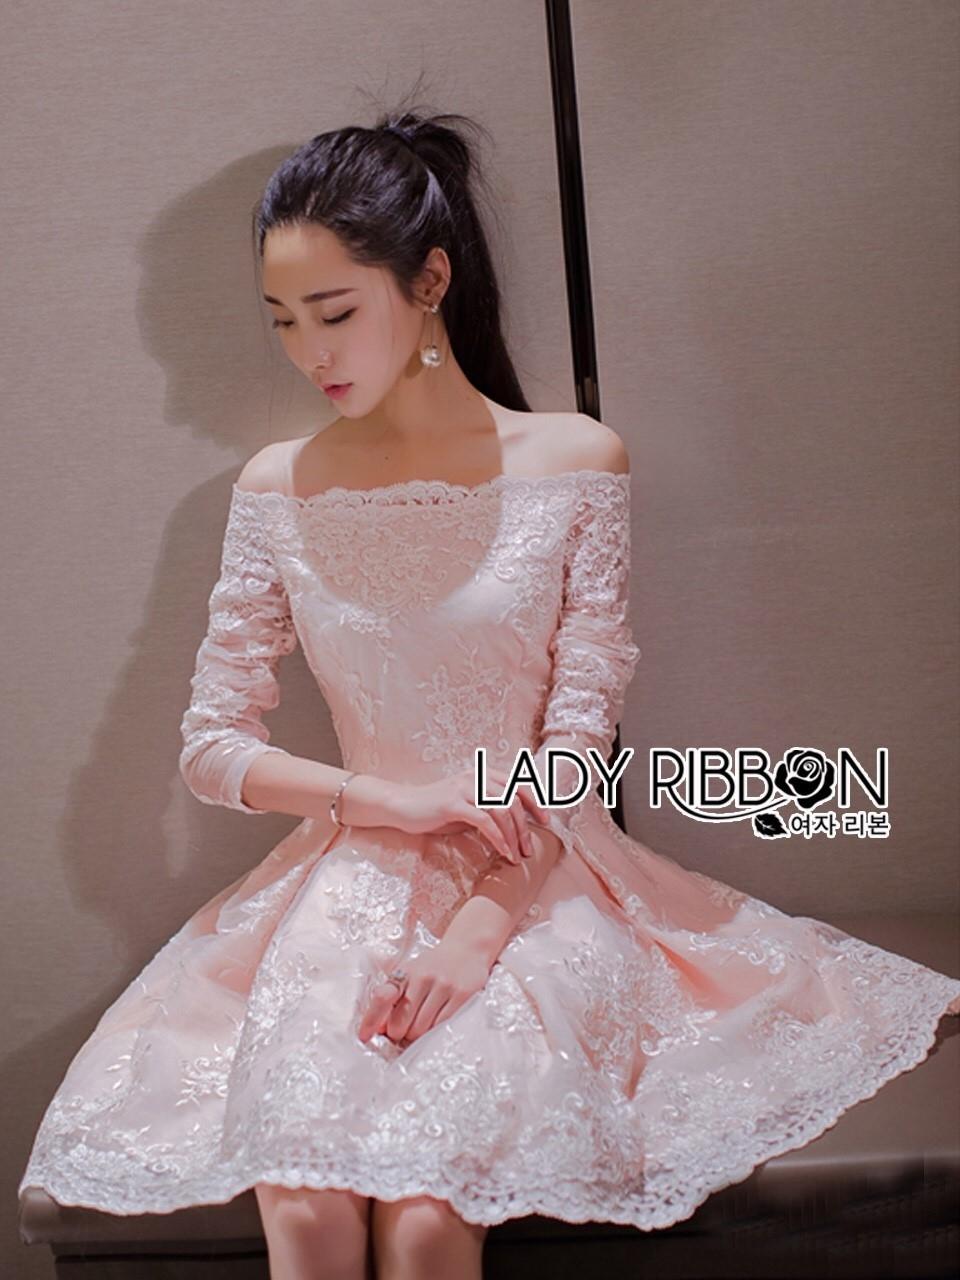 ชุดเดรสเกาหลี พร้อมส่งเดรสทรงเปิดไหล่ผ้าลูกไม้สีขาวทับผ้าสีชมพูโอลโรส